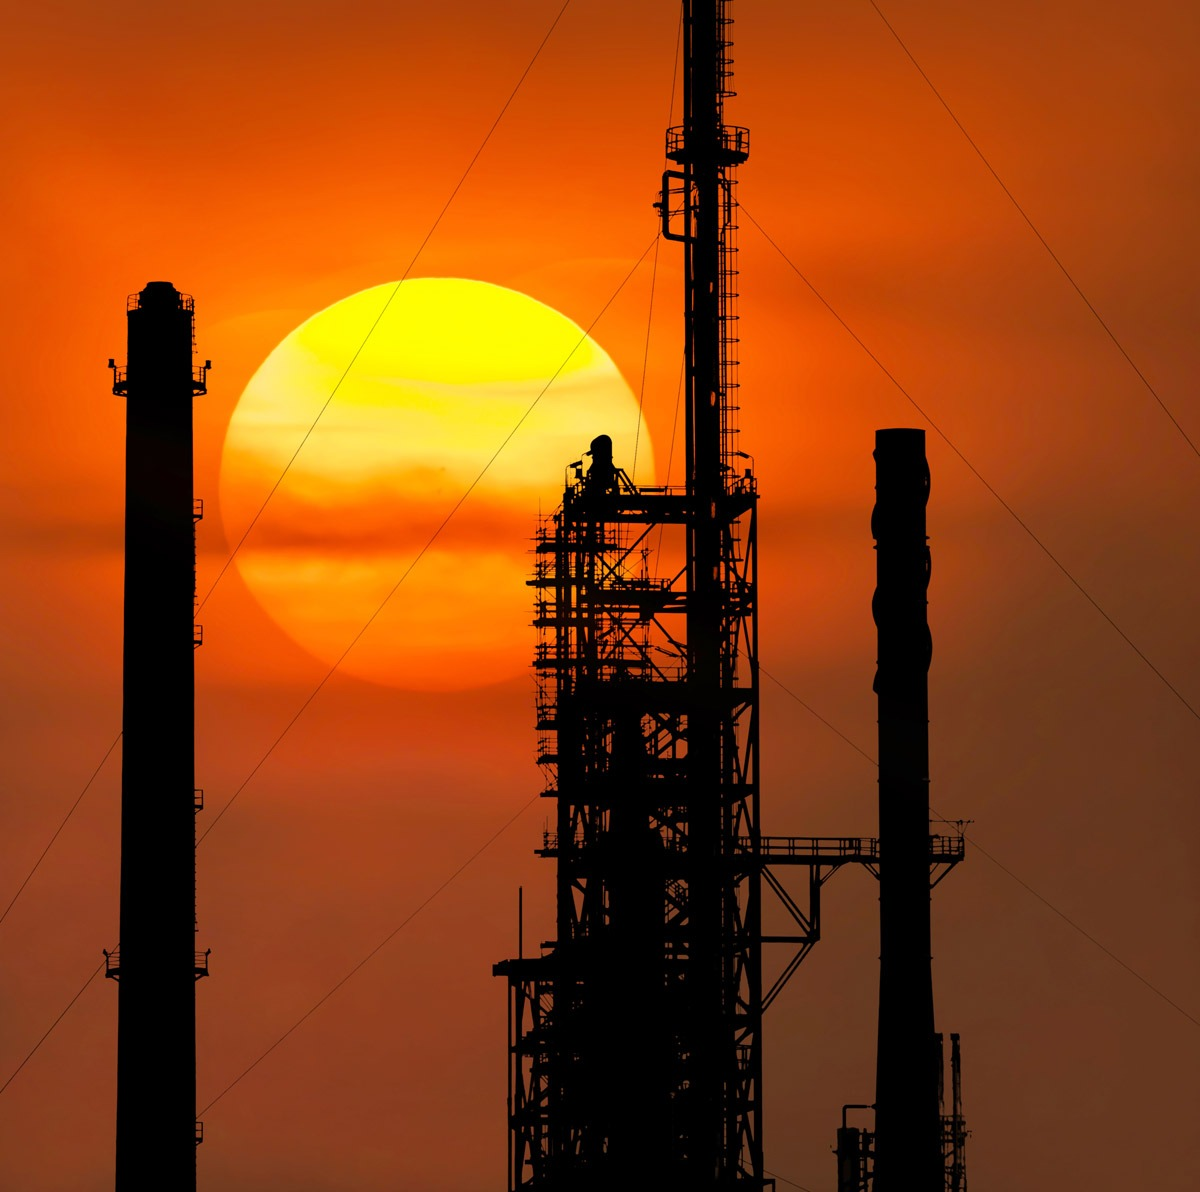 Química e Derivados - Indústria Química - Cenário continua favorável, mas desenvolvimento exige acelerar reformas estruturais - Perspectivas 2020